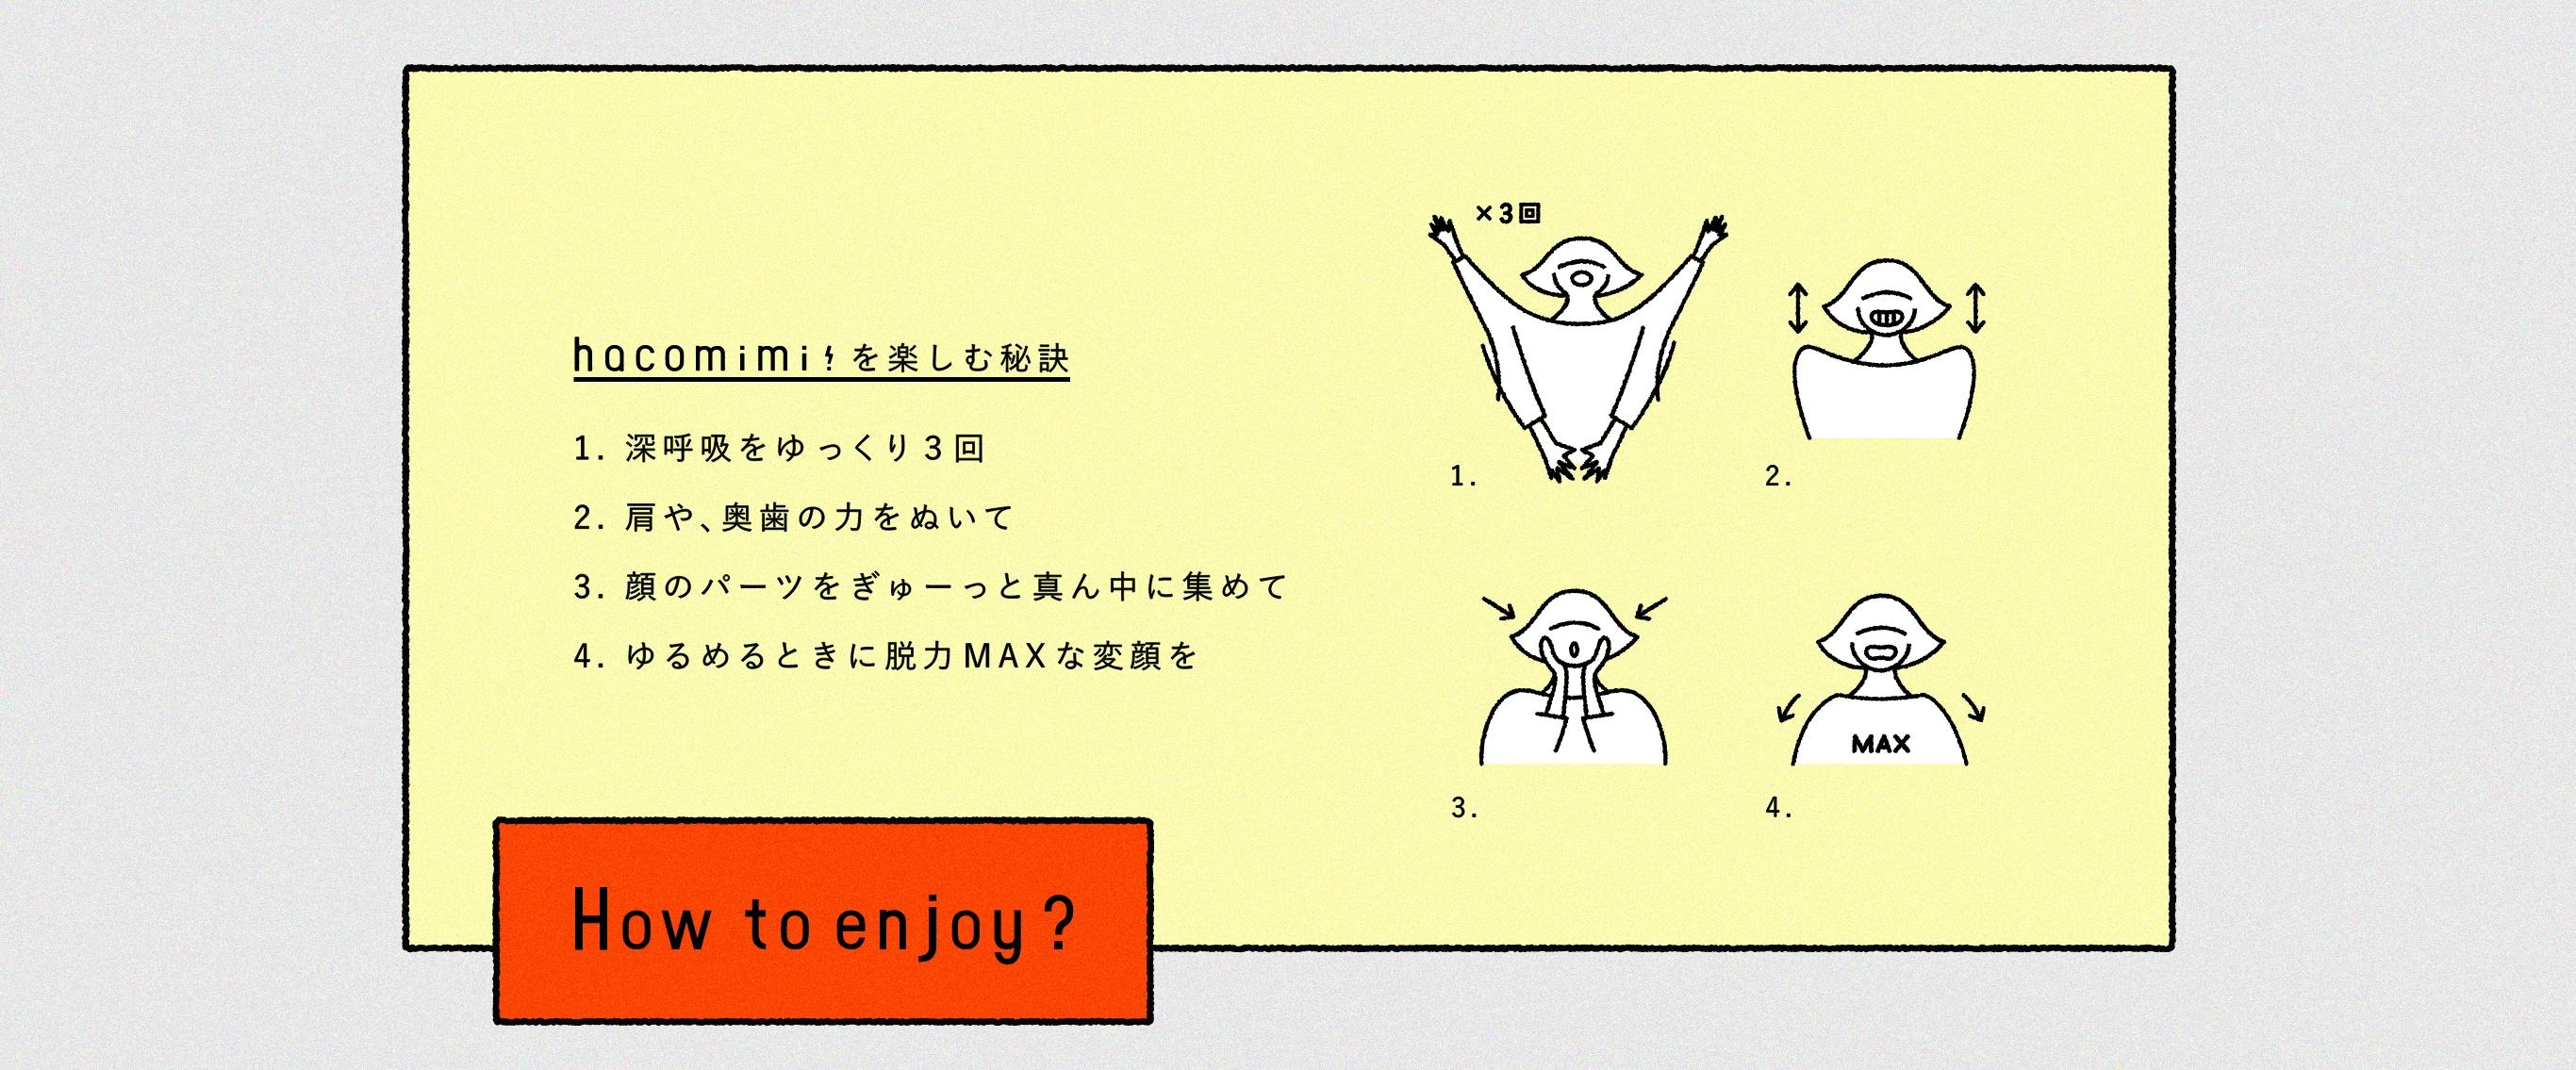 haco!mimi!を楽しむ秘訣 1. 深呼吸をゆっくり3回 2. 肩や、奥歯の力をぬいて 3. 顔のパーツをぎゅーっと真ん中に集めて 4. ゆるめるときに脱力MAXな変顔を